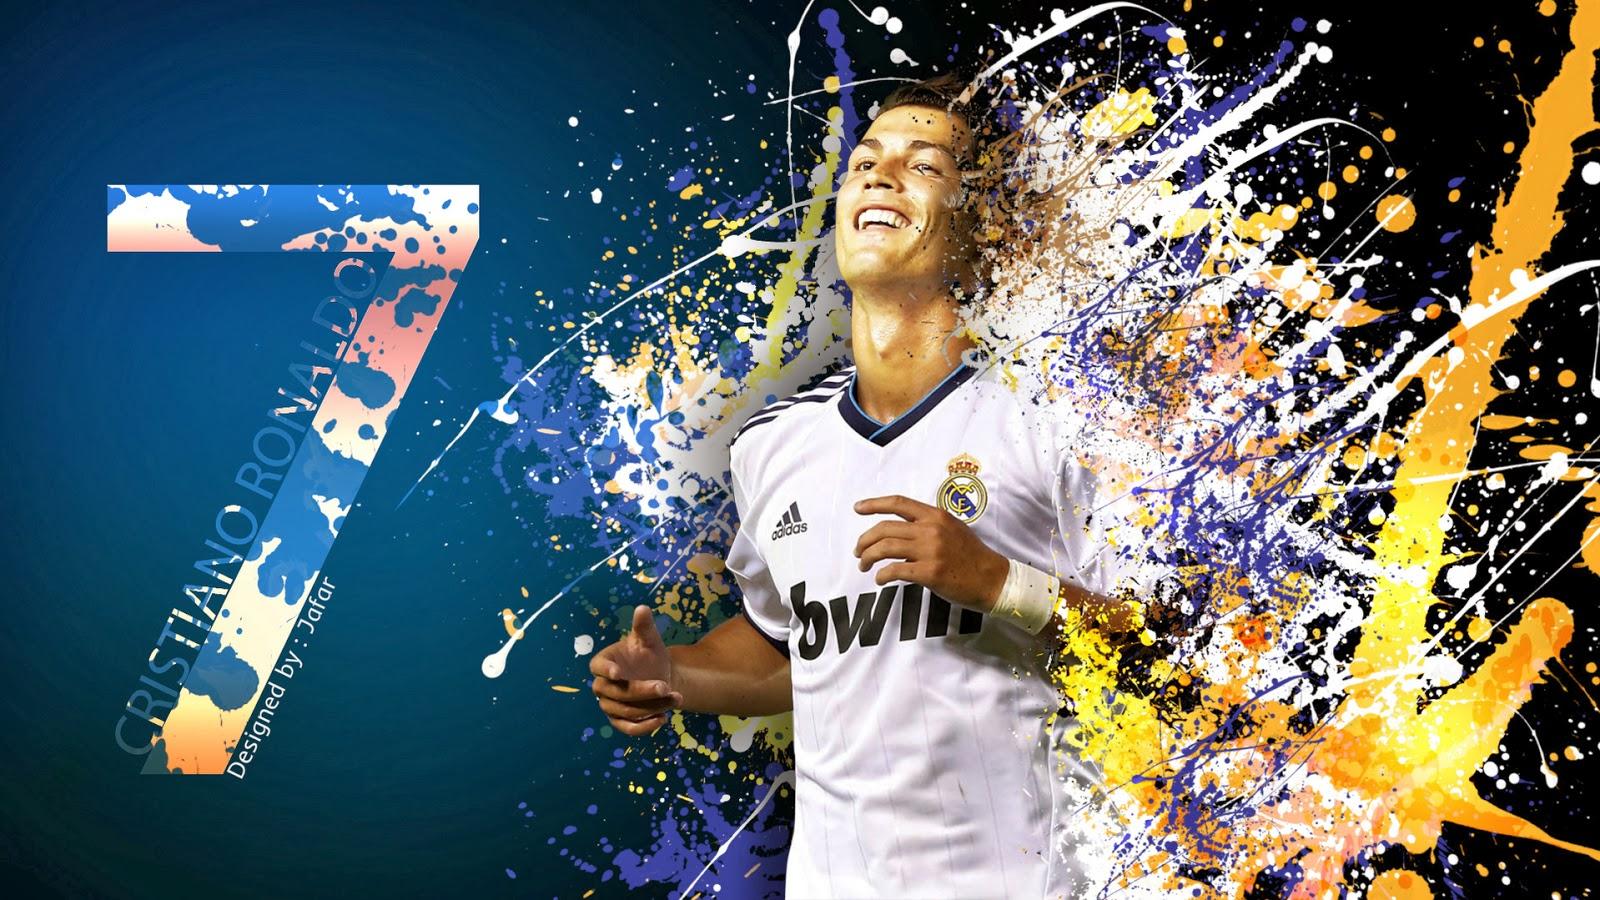 Cristiano Ronaldo Imágenes Invitaciones O Tarjetas Para